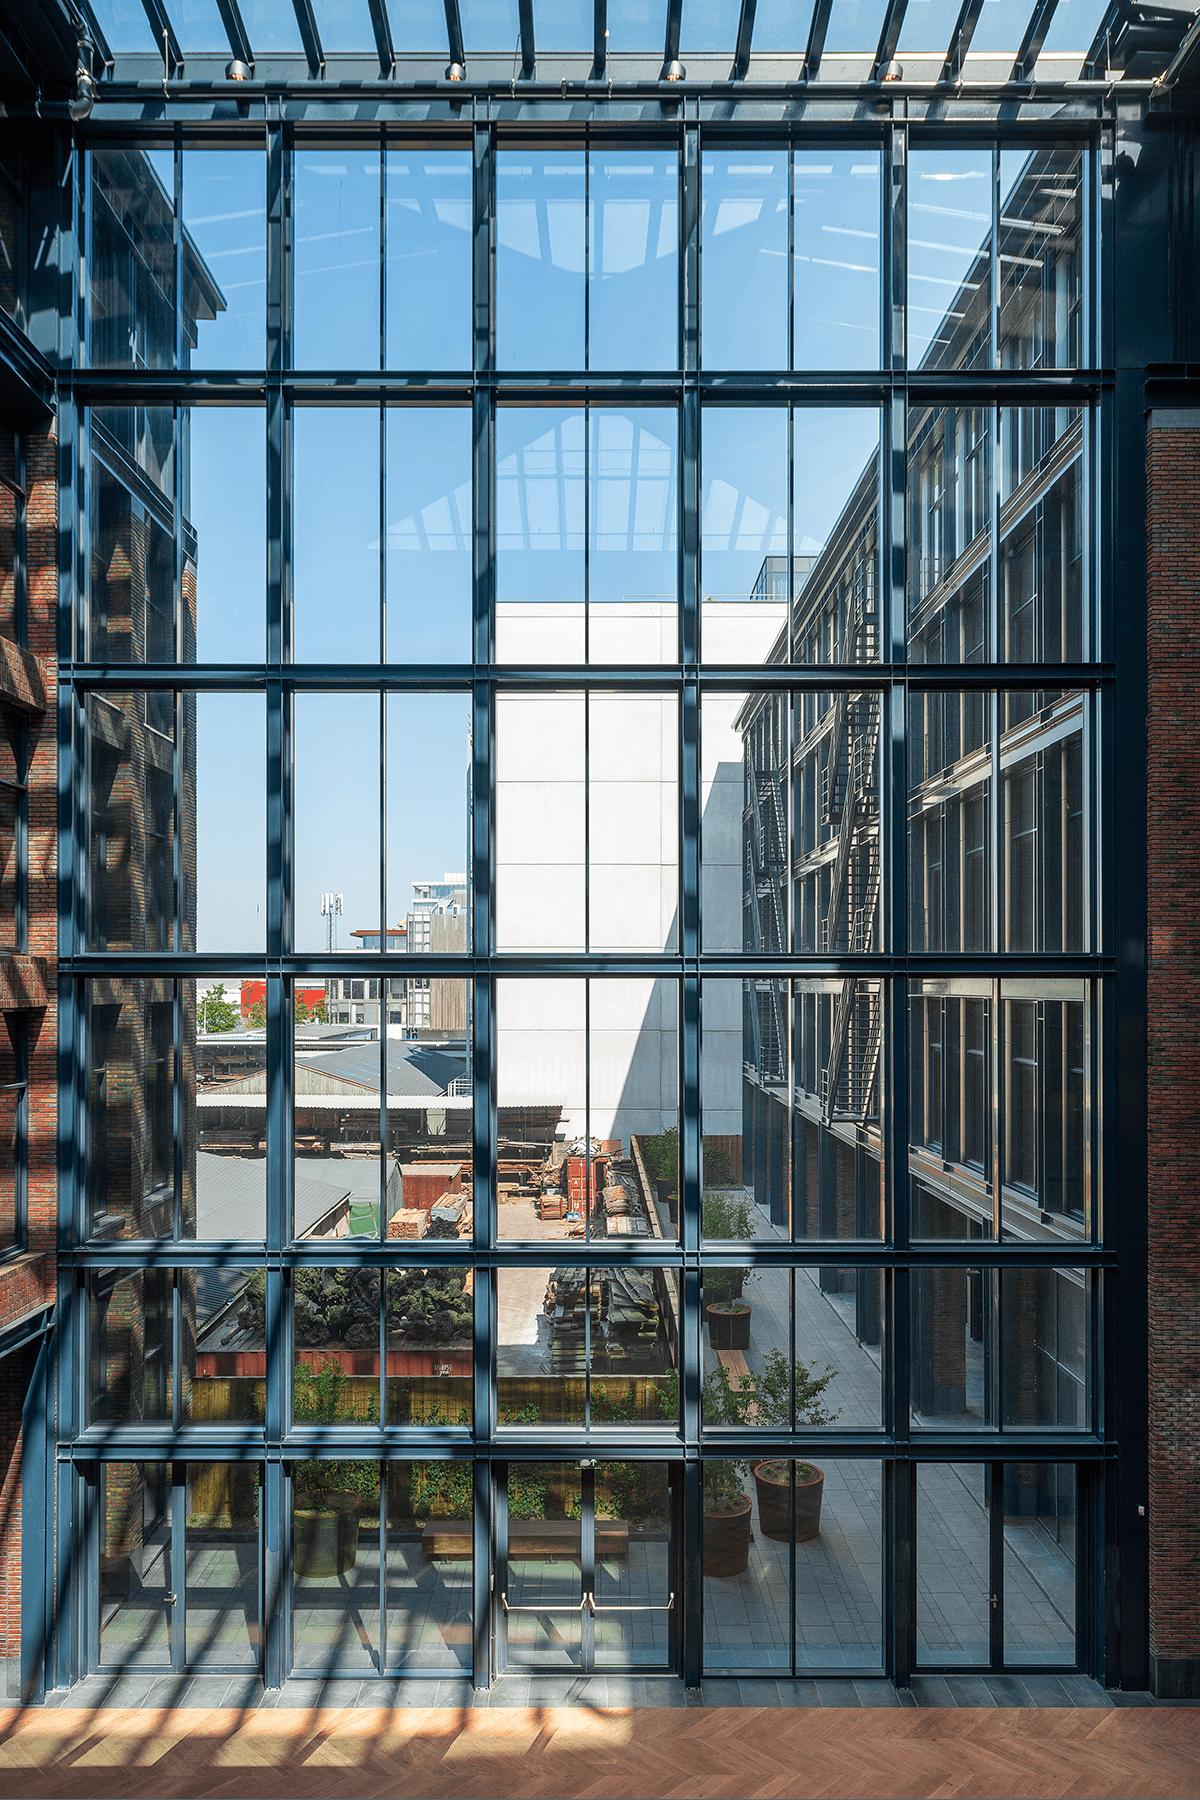 Homines-bouw-awarehouse-kantoorgebouw-parkeerplaats-amsterdam-5